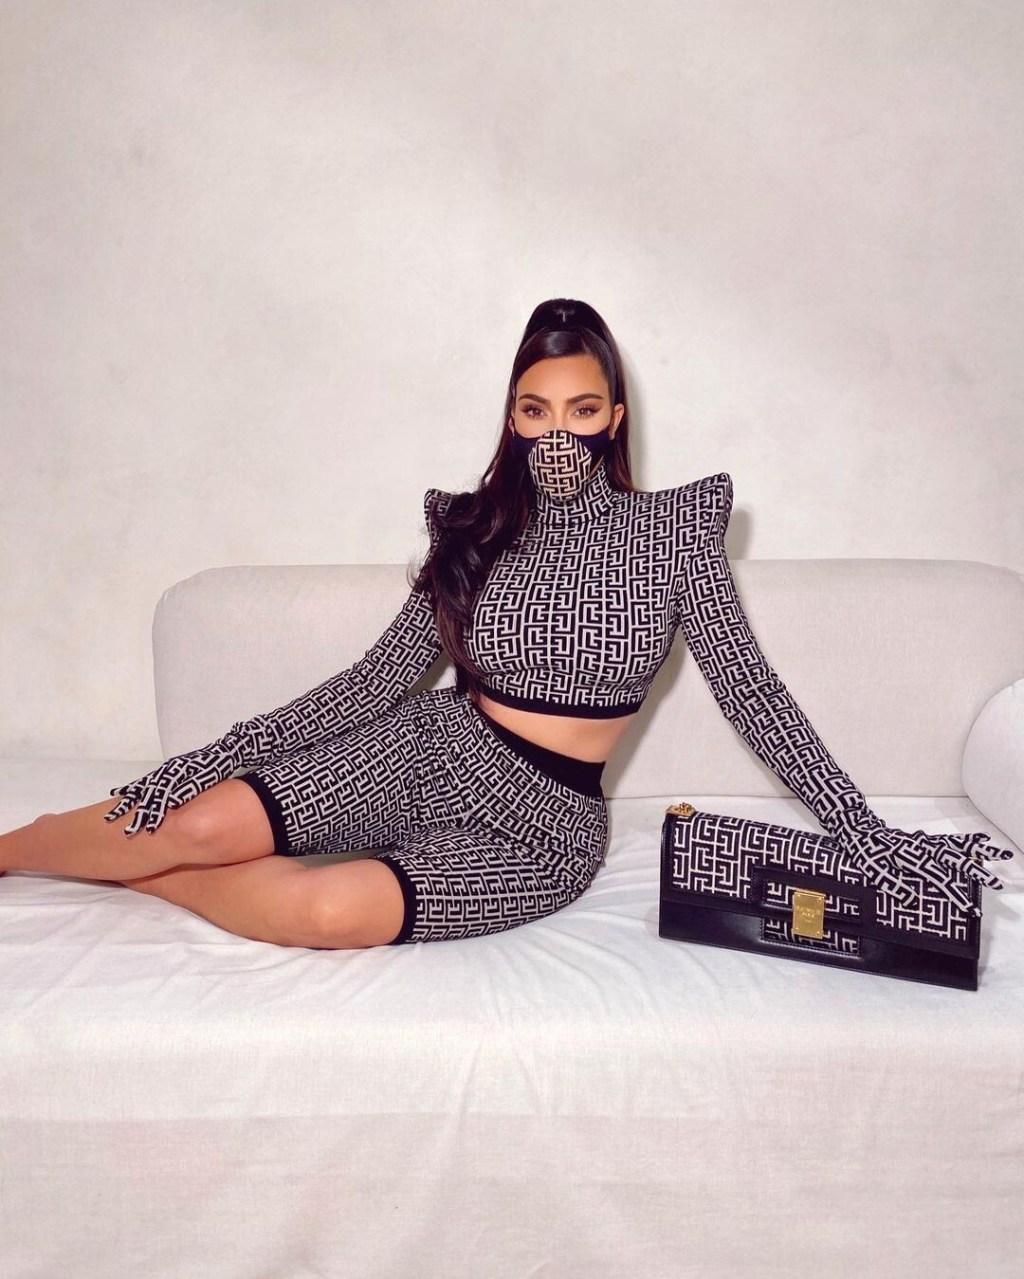 La mascarilla favorita de Rosalía y Kim Kardashian es de Balmain